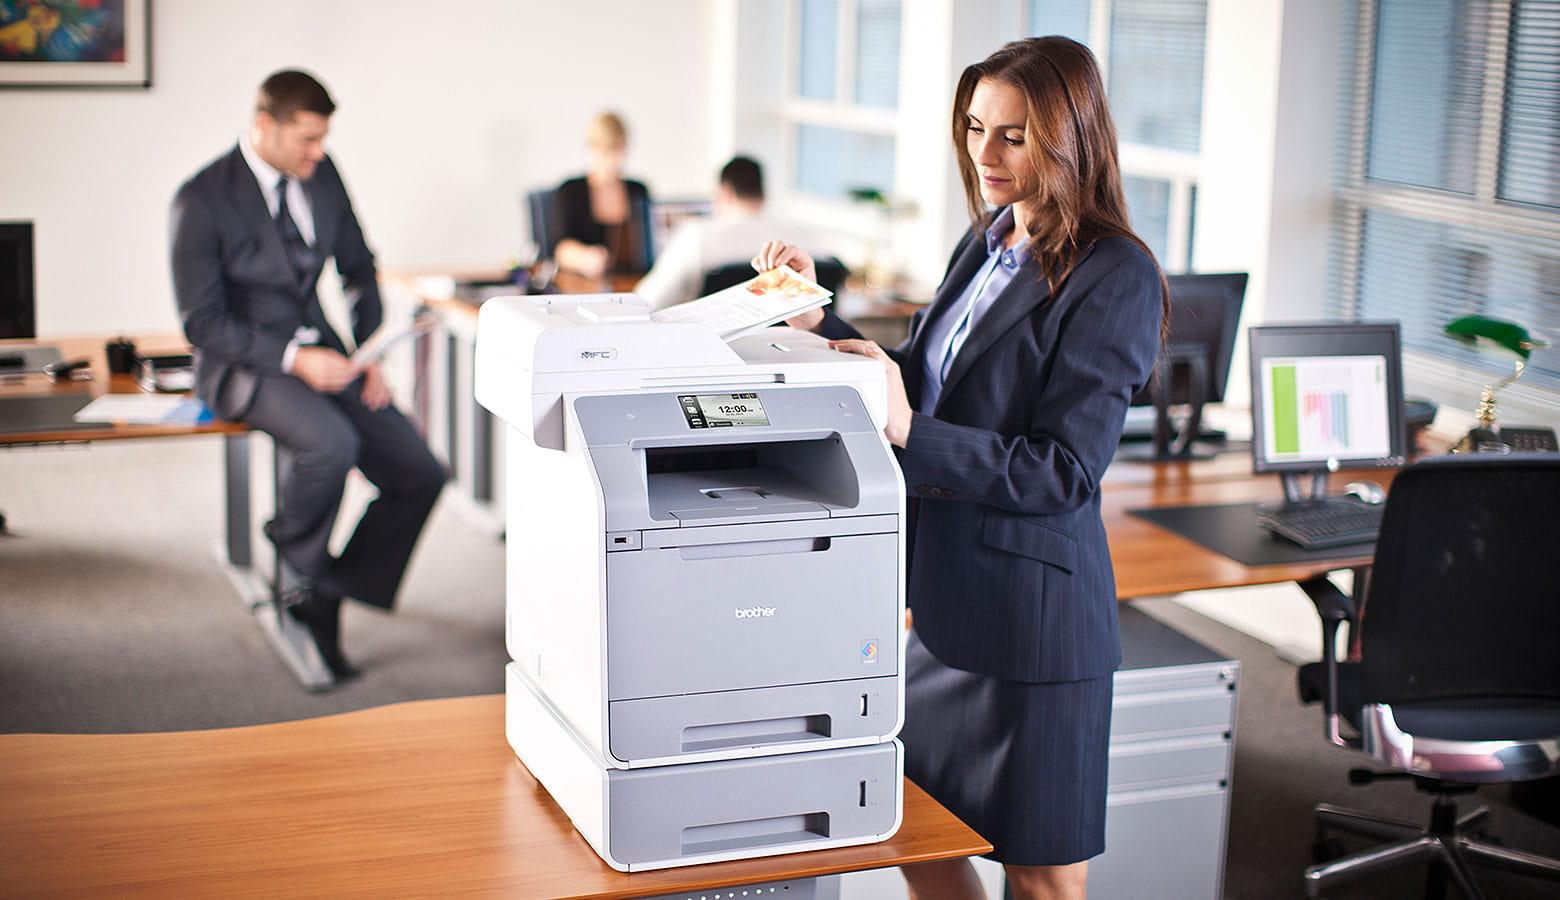 Frau druckt am Abteilungsdrucker ihre Dokumente